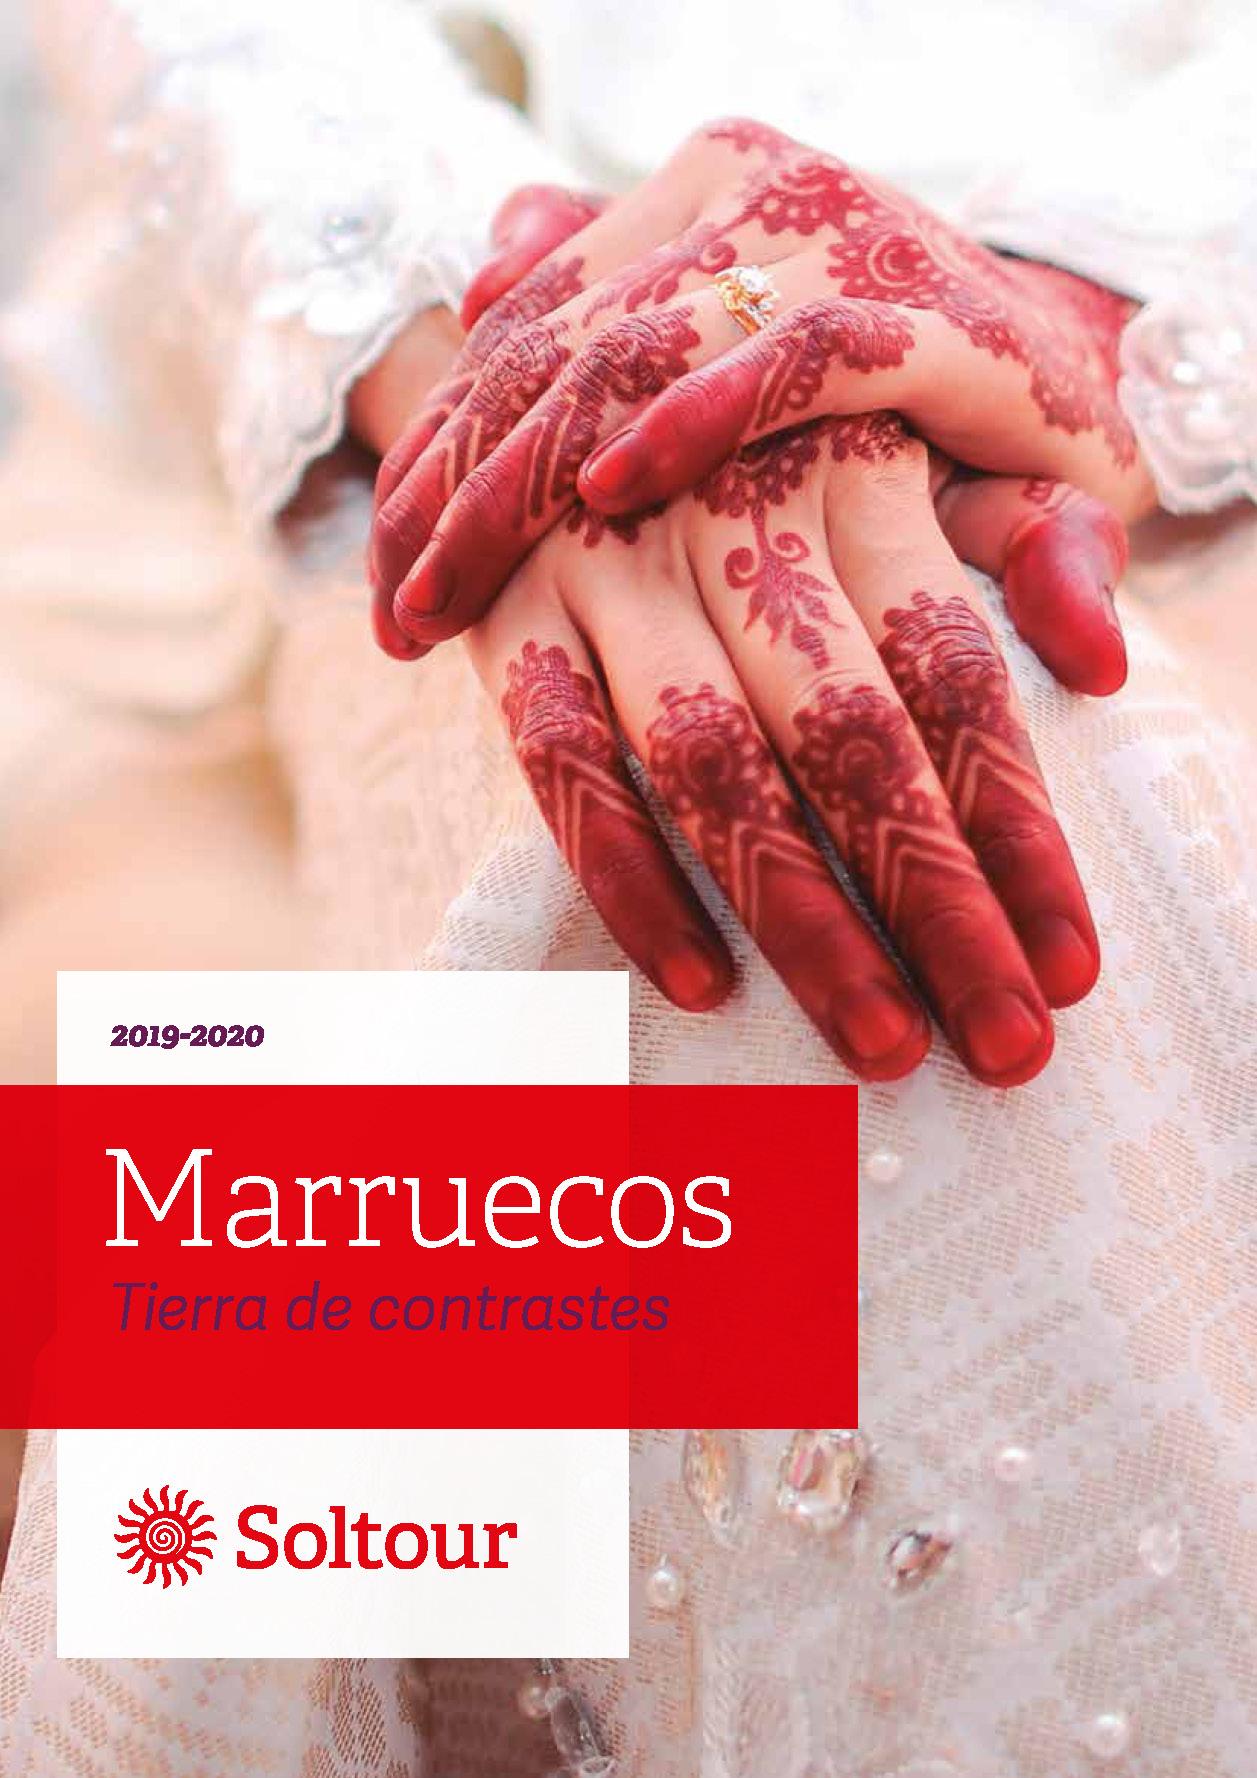 Catalogo Soltour Marruecos 2019-2020